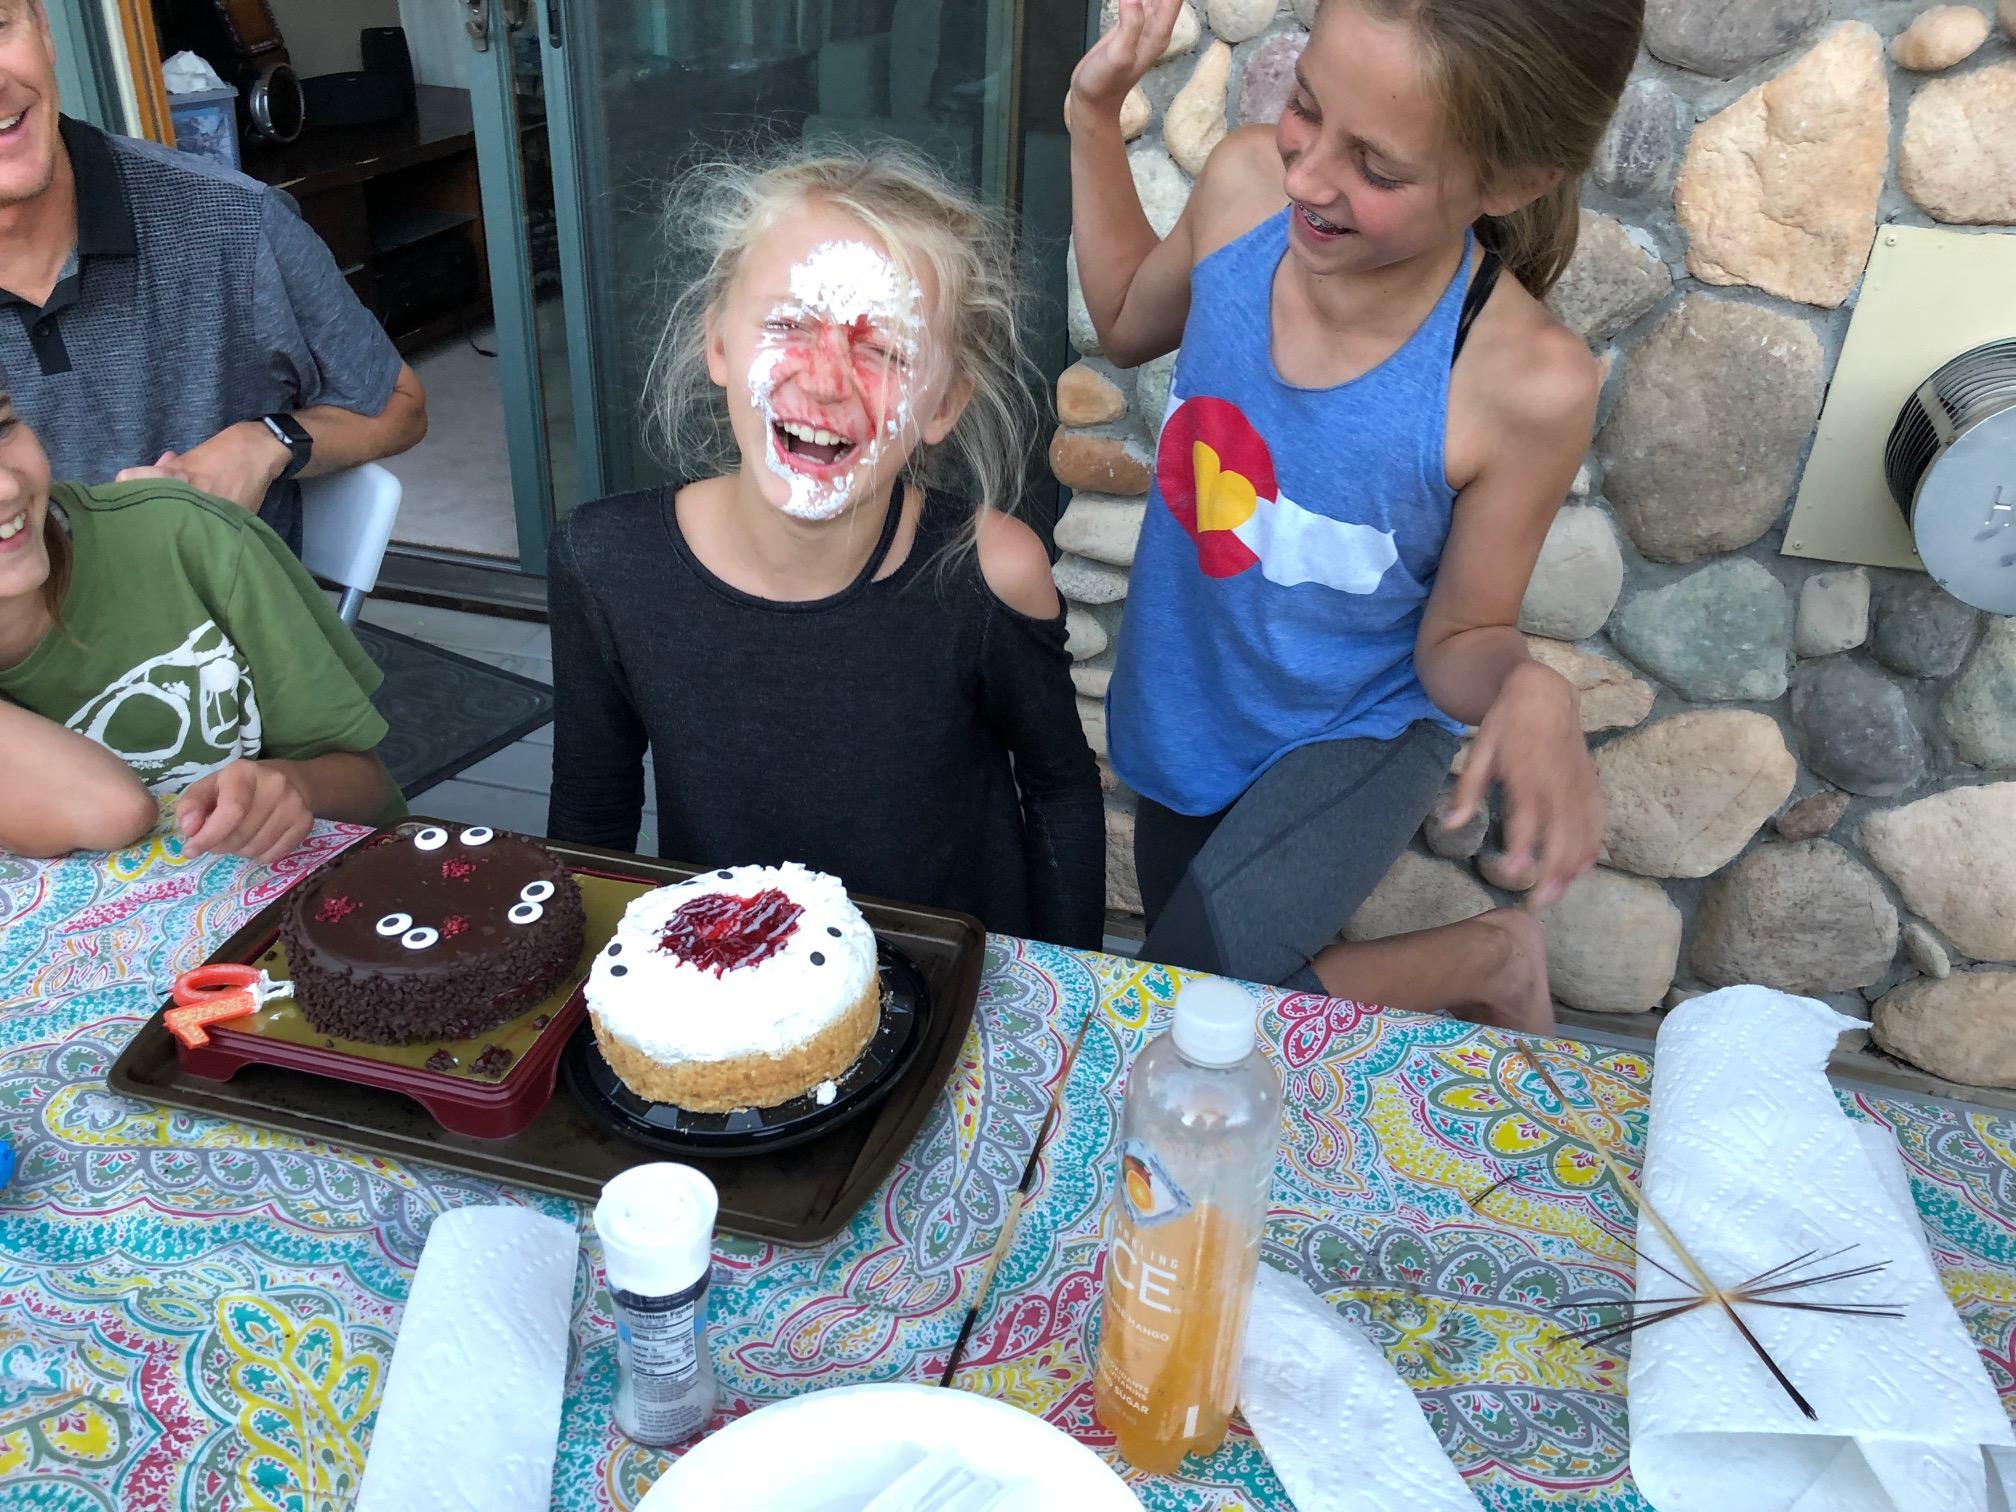 Riley cake in face